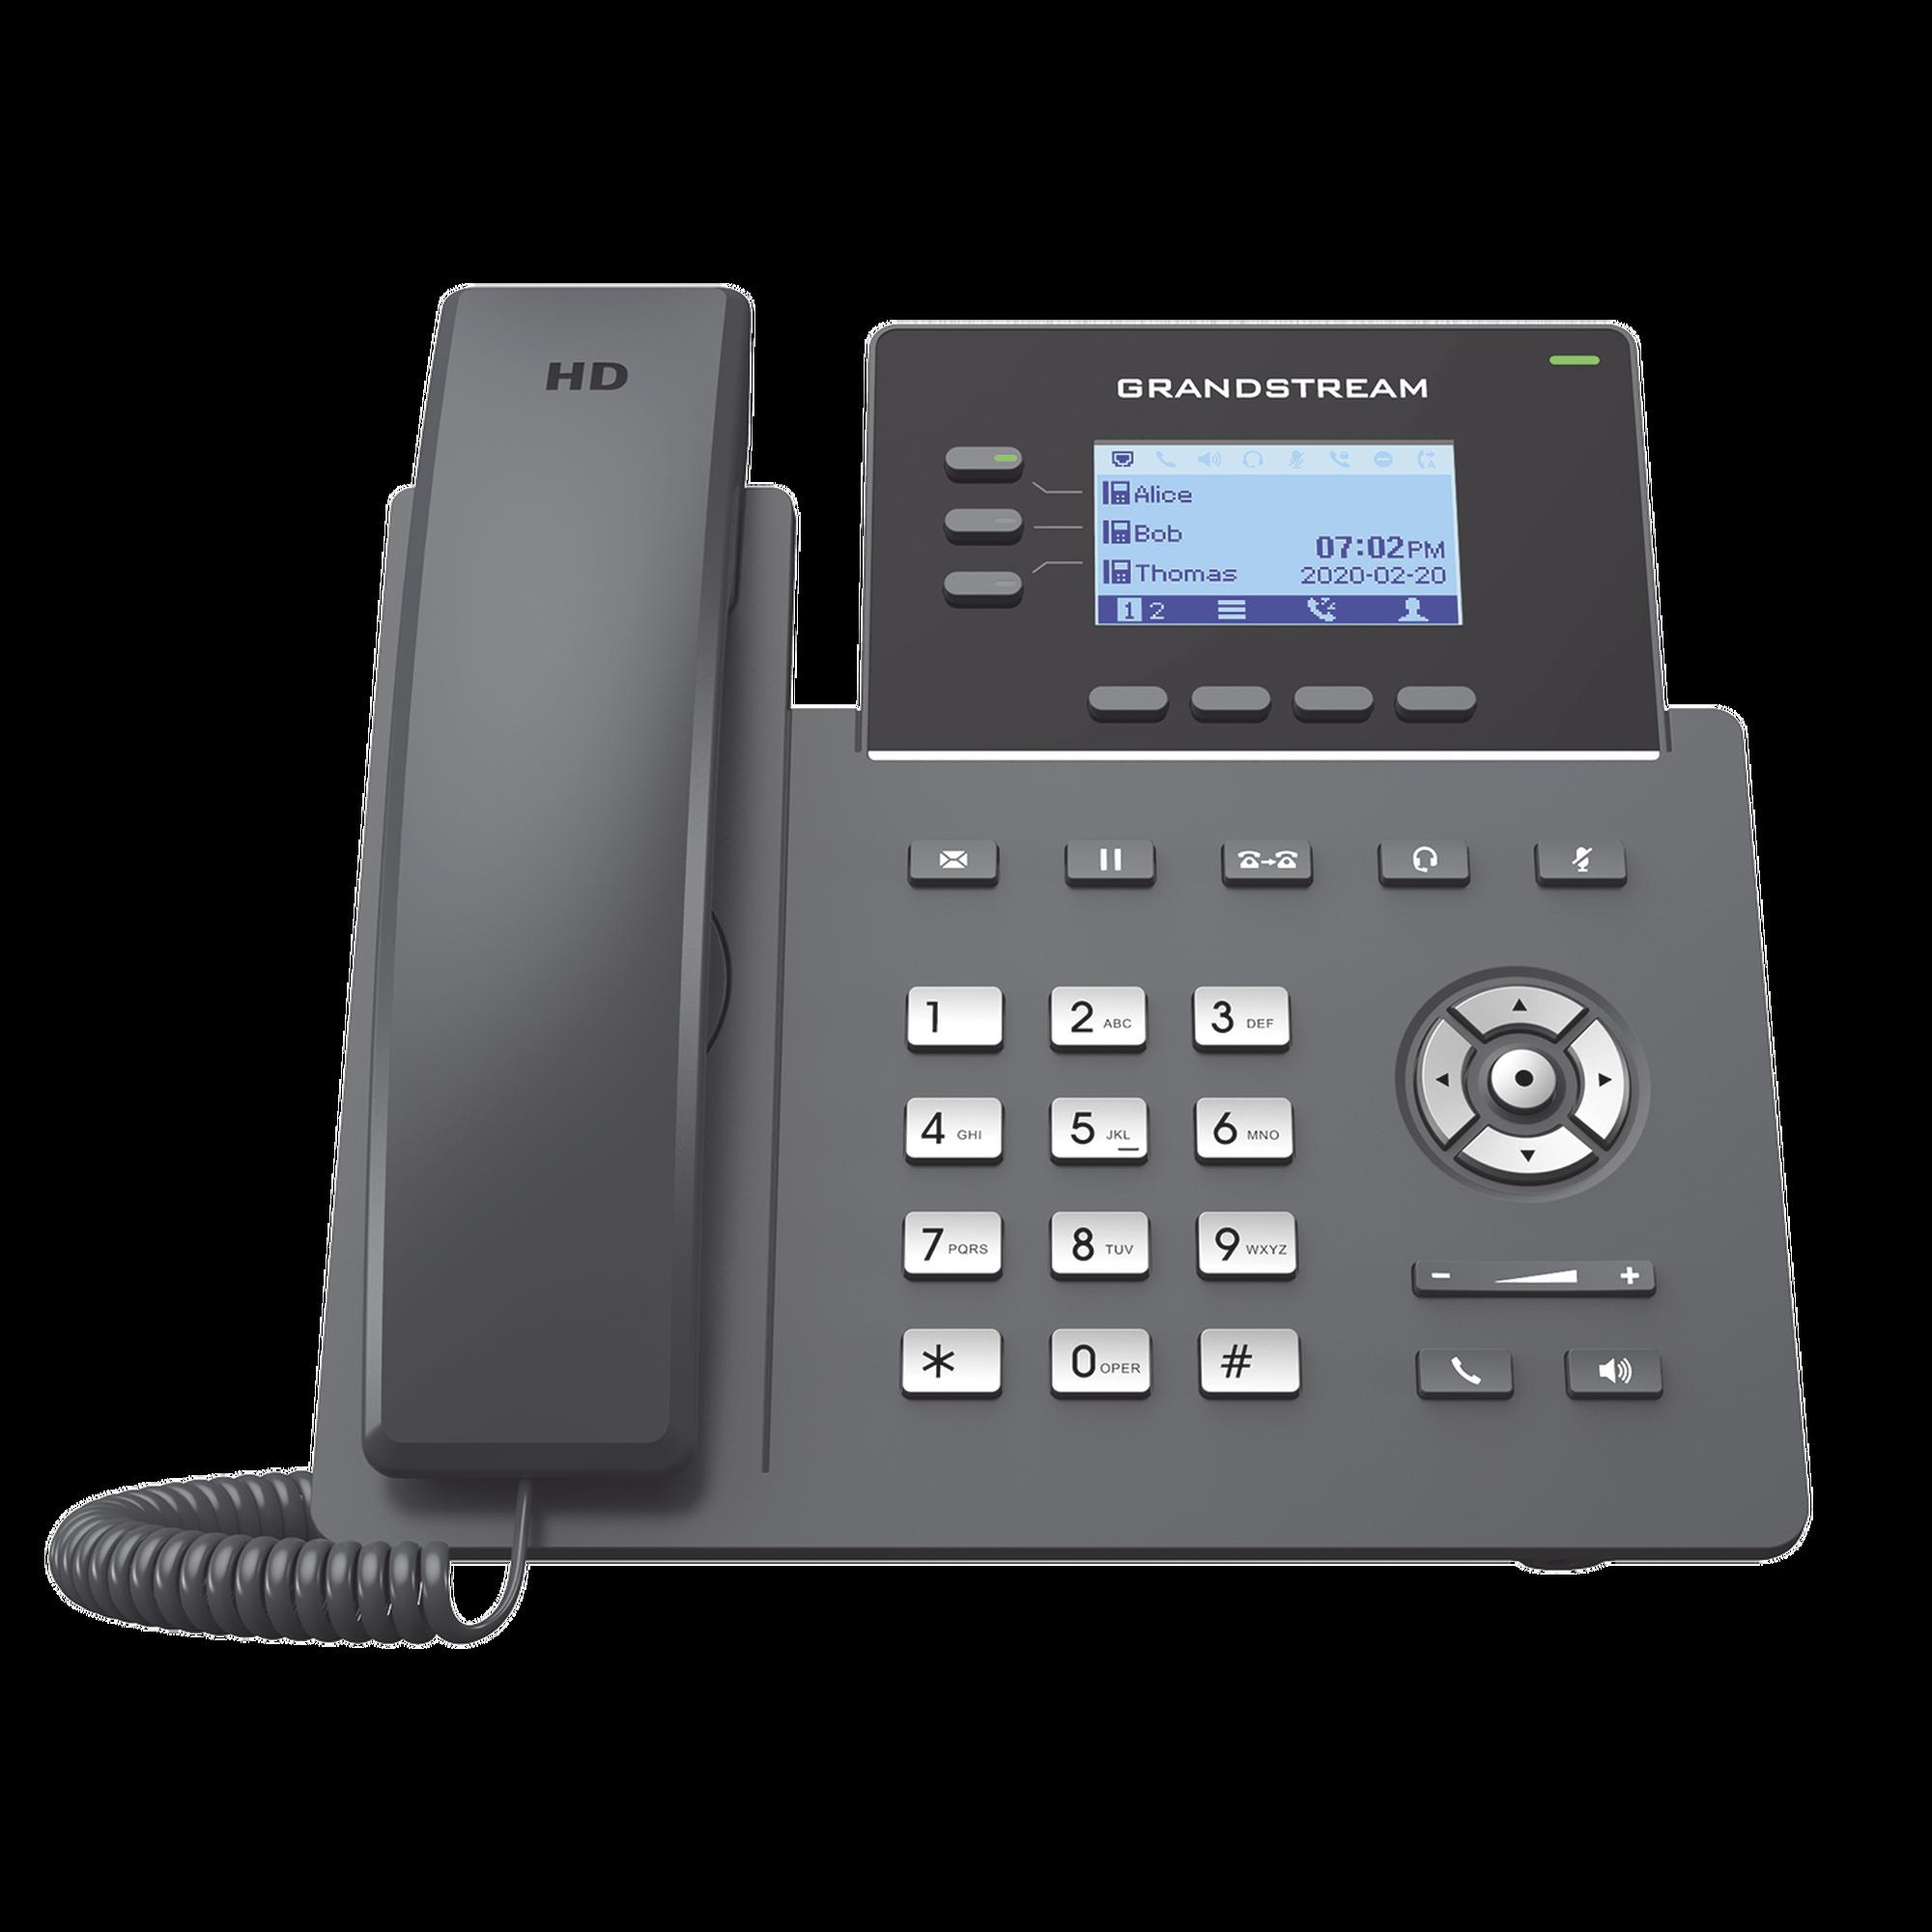 Teléfono IP Grado Operador, 3 lineas SIP con 6 cuentas, puertos Gigabit PoE, codec Opus, IPV4/IPV6 con gestion en la nube GDMS